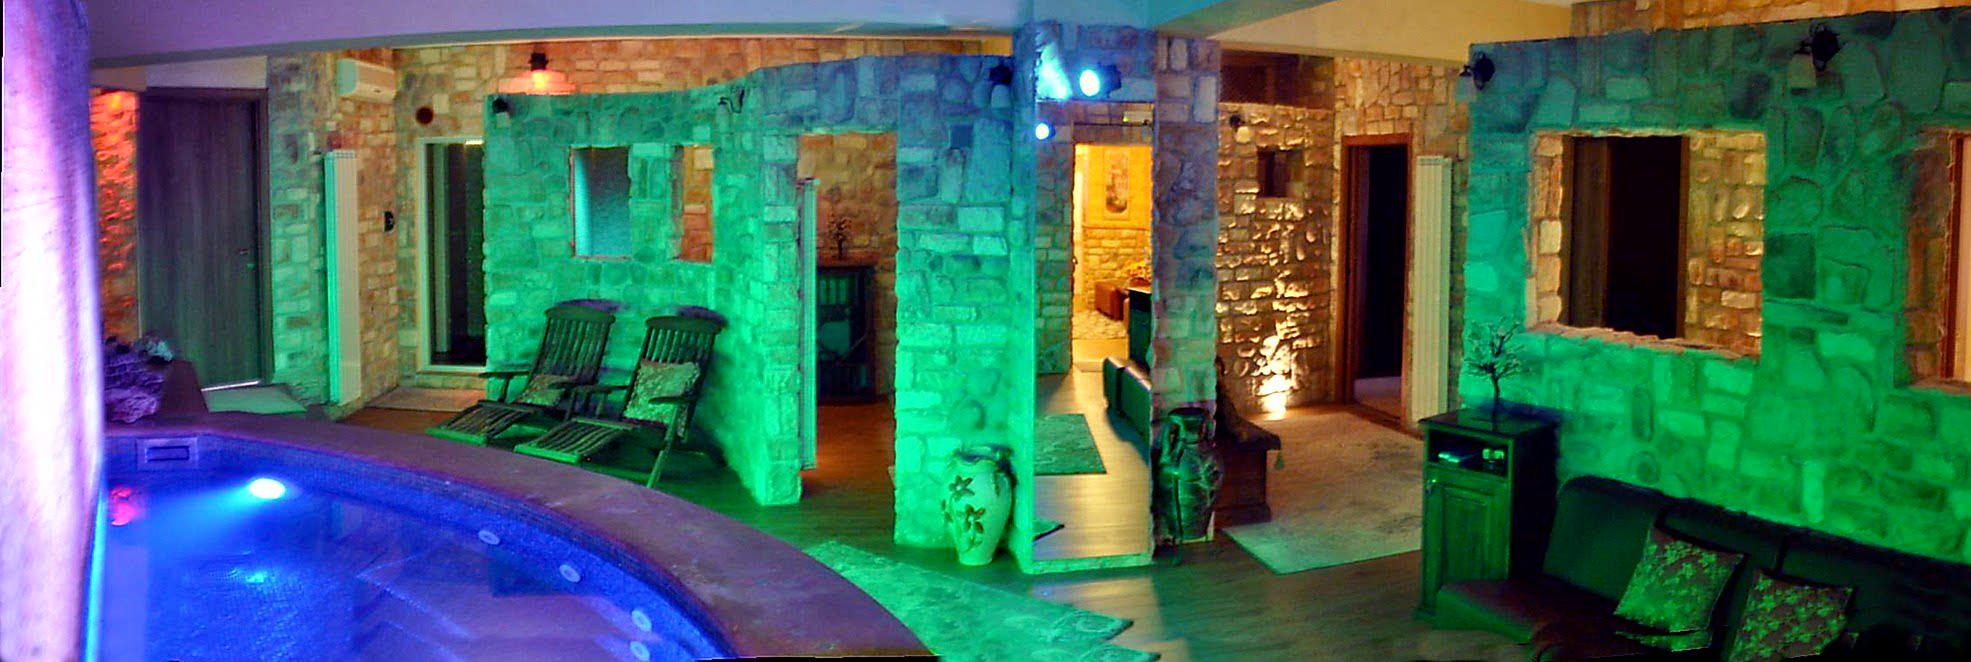 SPA Centro Benessere Reggio Calabria|Hotel SPA Miramonti ...